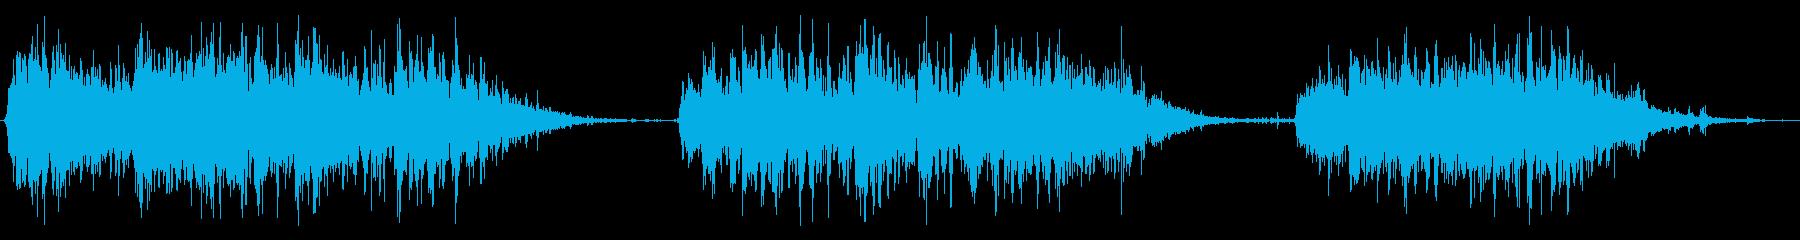 小型電動ブレンダー:3つの短いブレ...の再生済みの波形